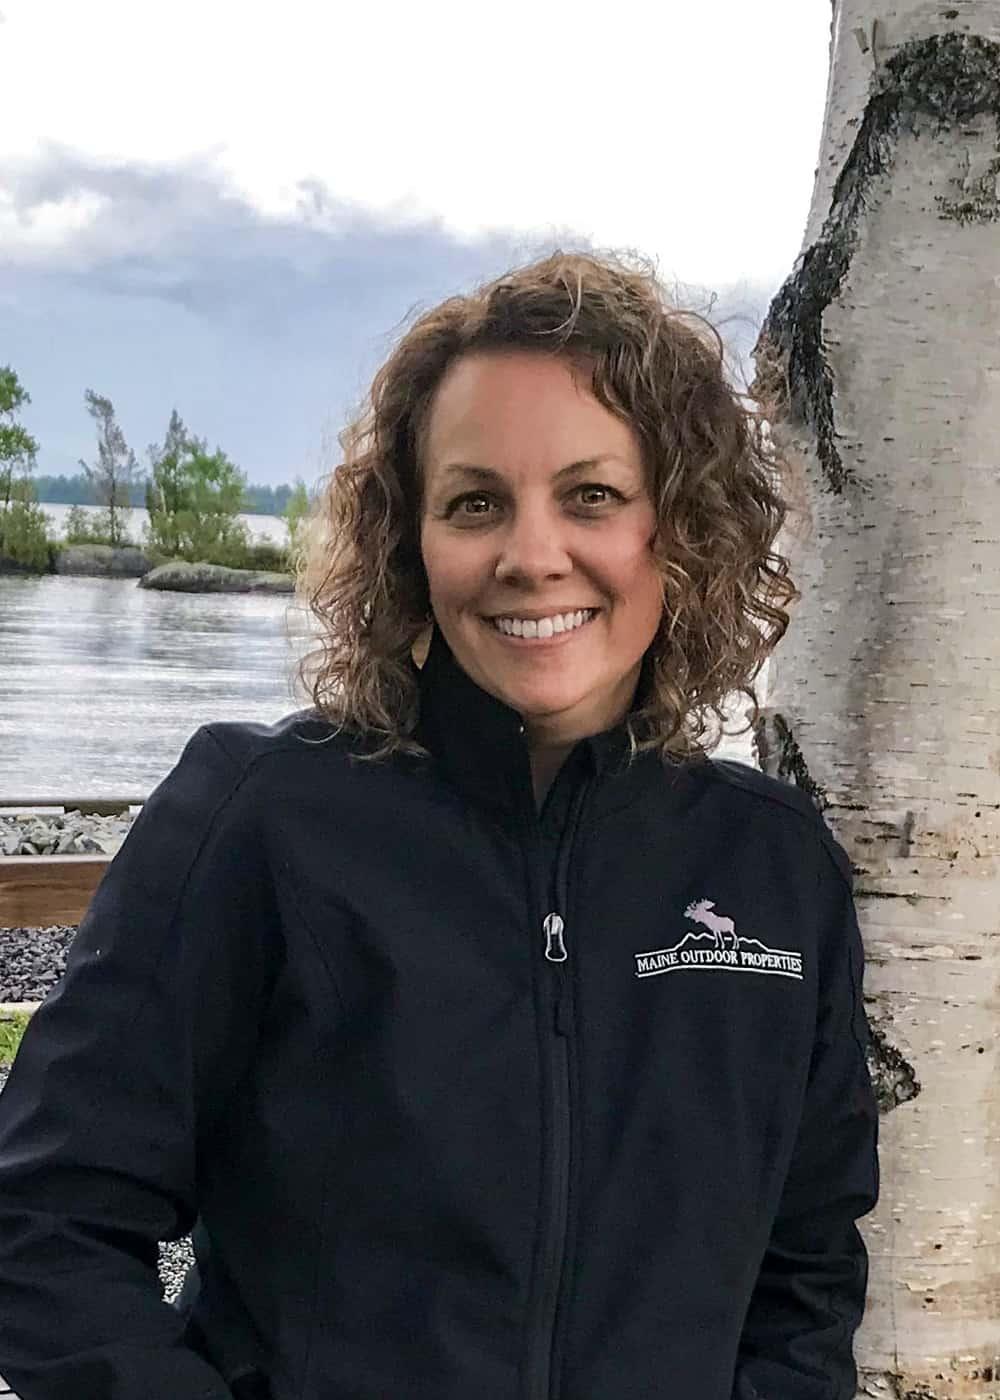 Amy Wilbur-Maine Outdoor Properties